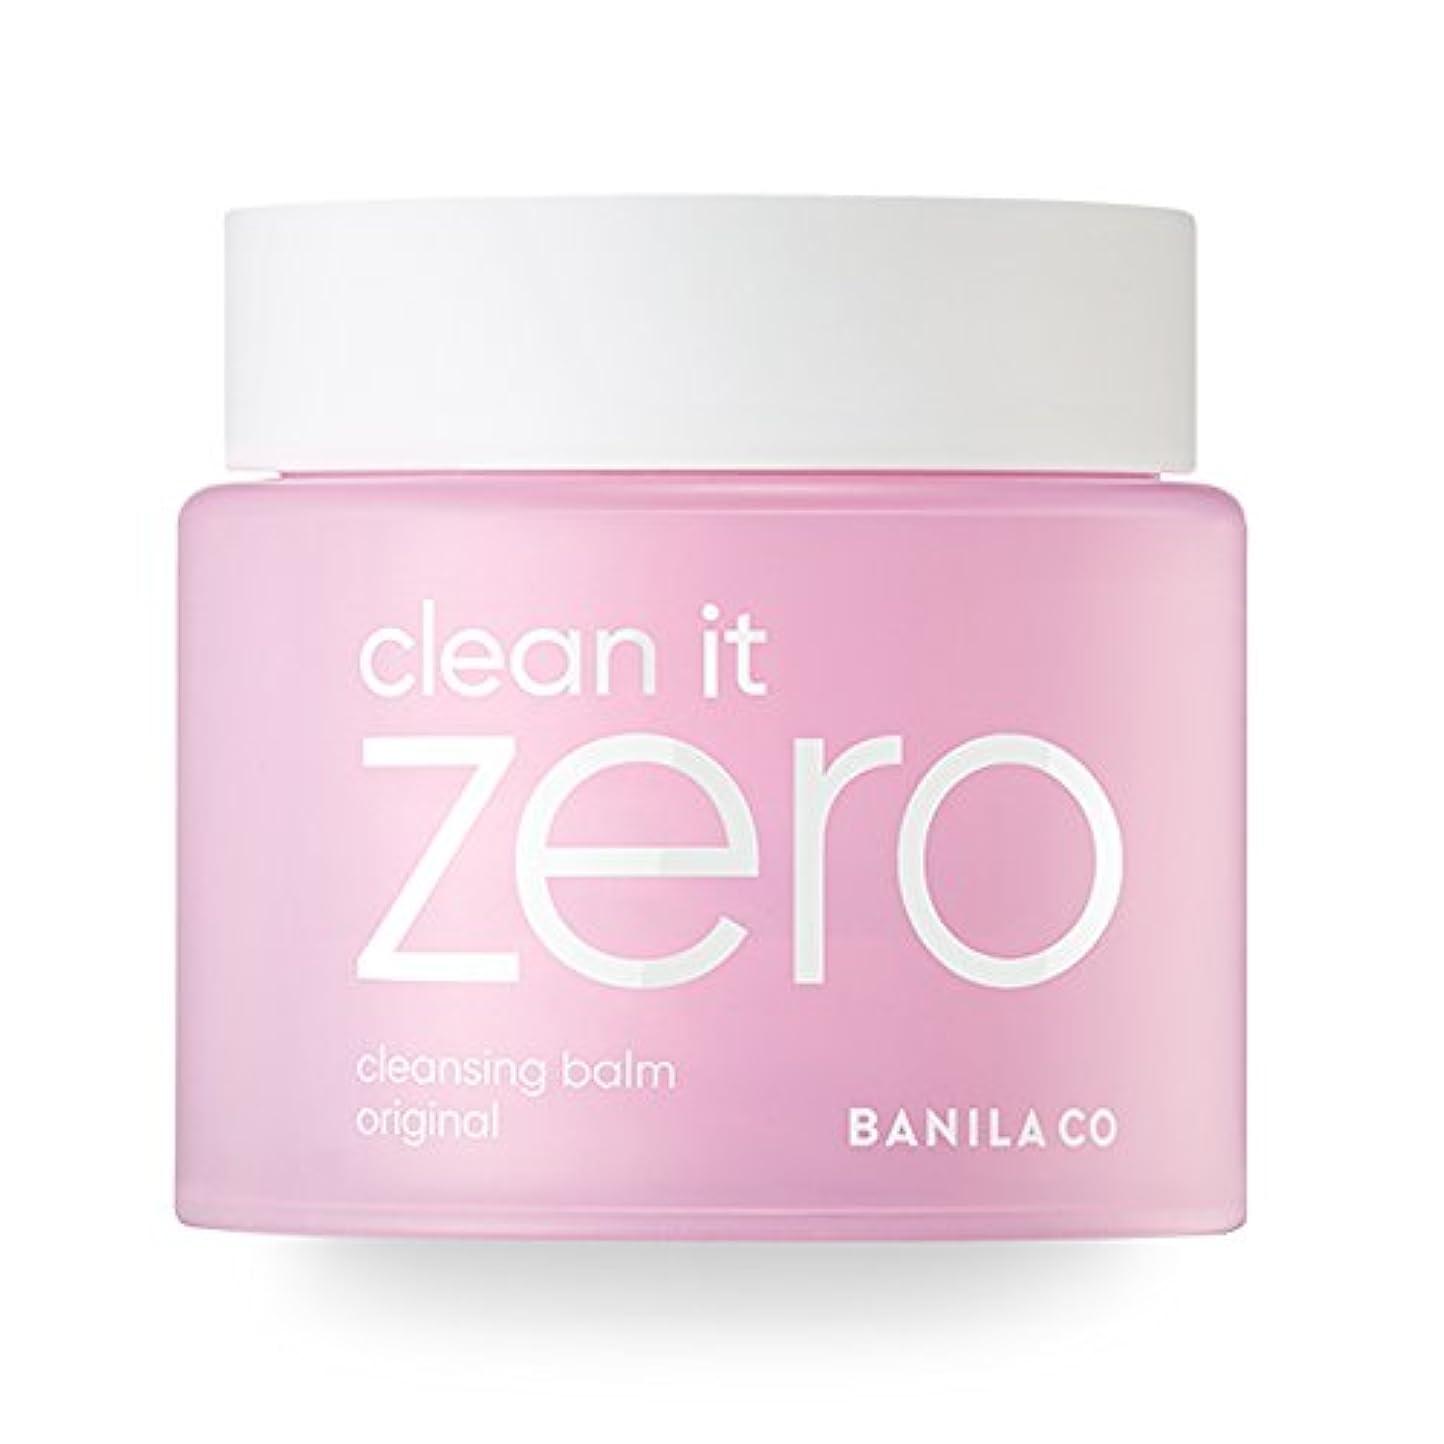 卒業記念アルバム八精巧なBANILA CO(バニラコ)公式ストア  バニラコ クリーン イット ゼロ クレンジング バーム オリジナル / Clean It Zero Cleansing Balm Original 180ml